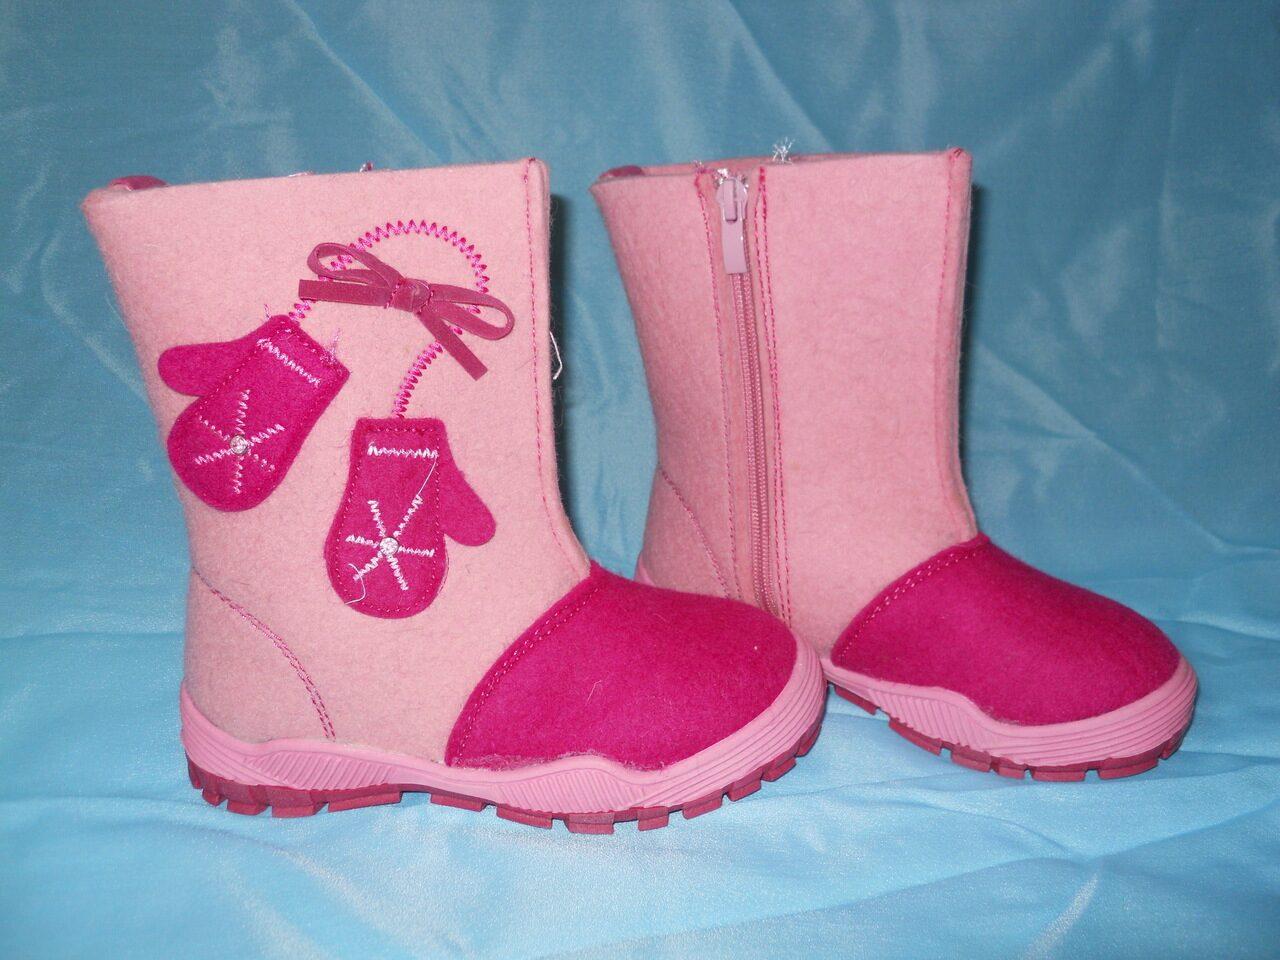 Обувь spectra официальный сайт